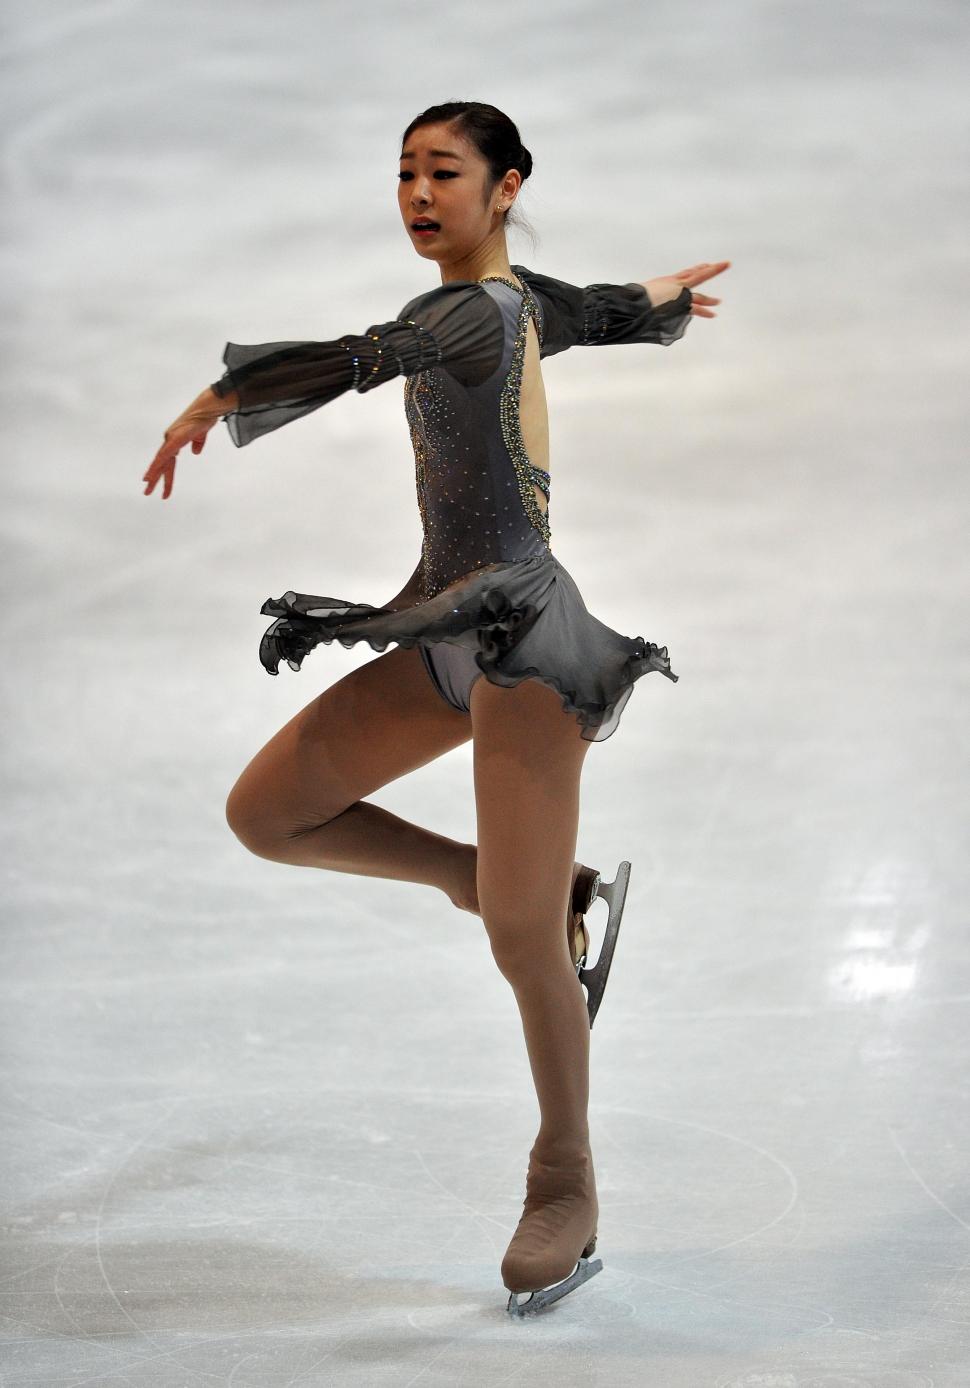 キム・ヨナが今季世界最高得点で優勝 フィギュアスケートNRW杯でキム・ヨナが今季世界最高得点で優